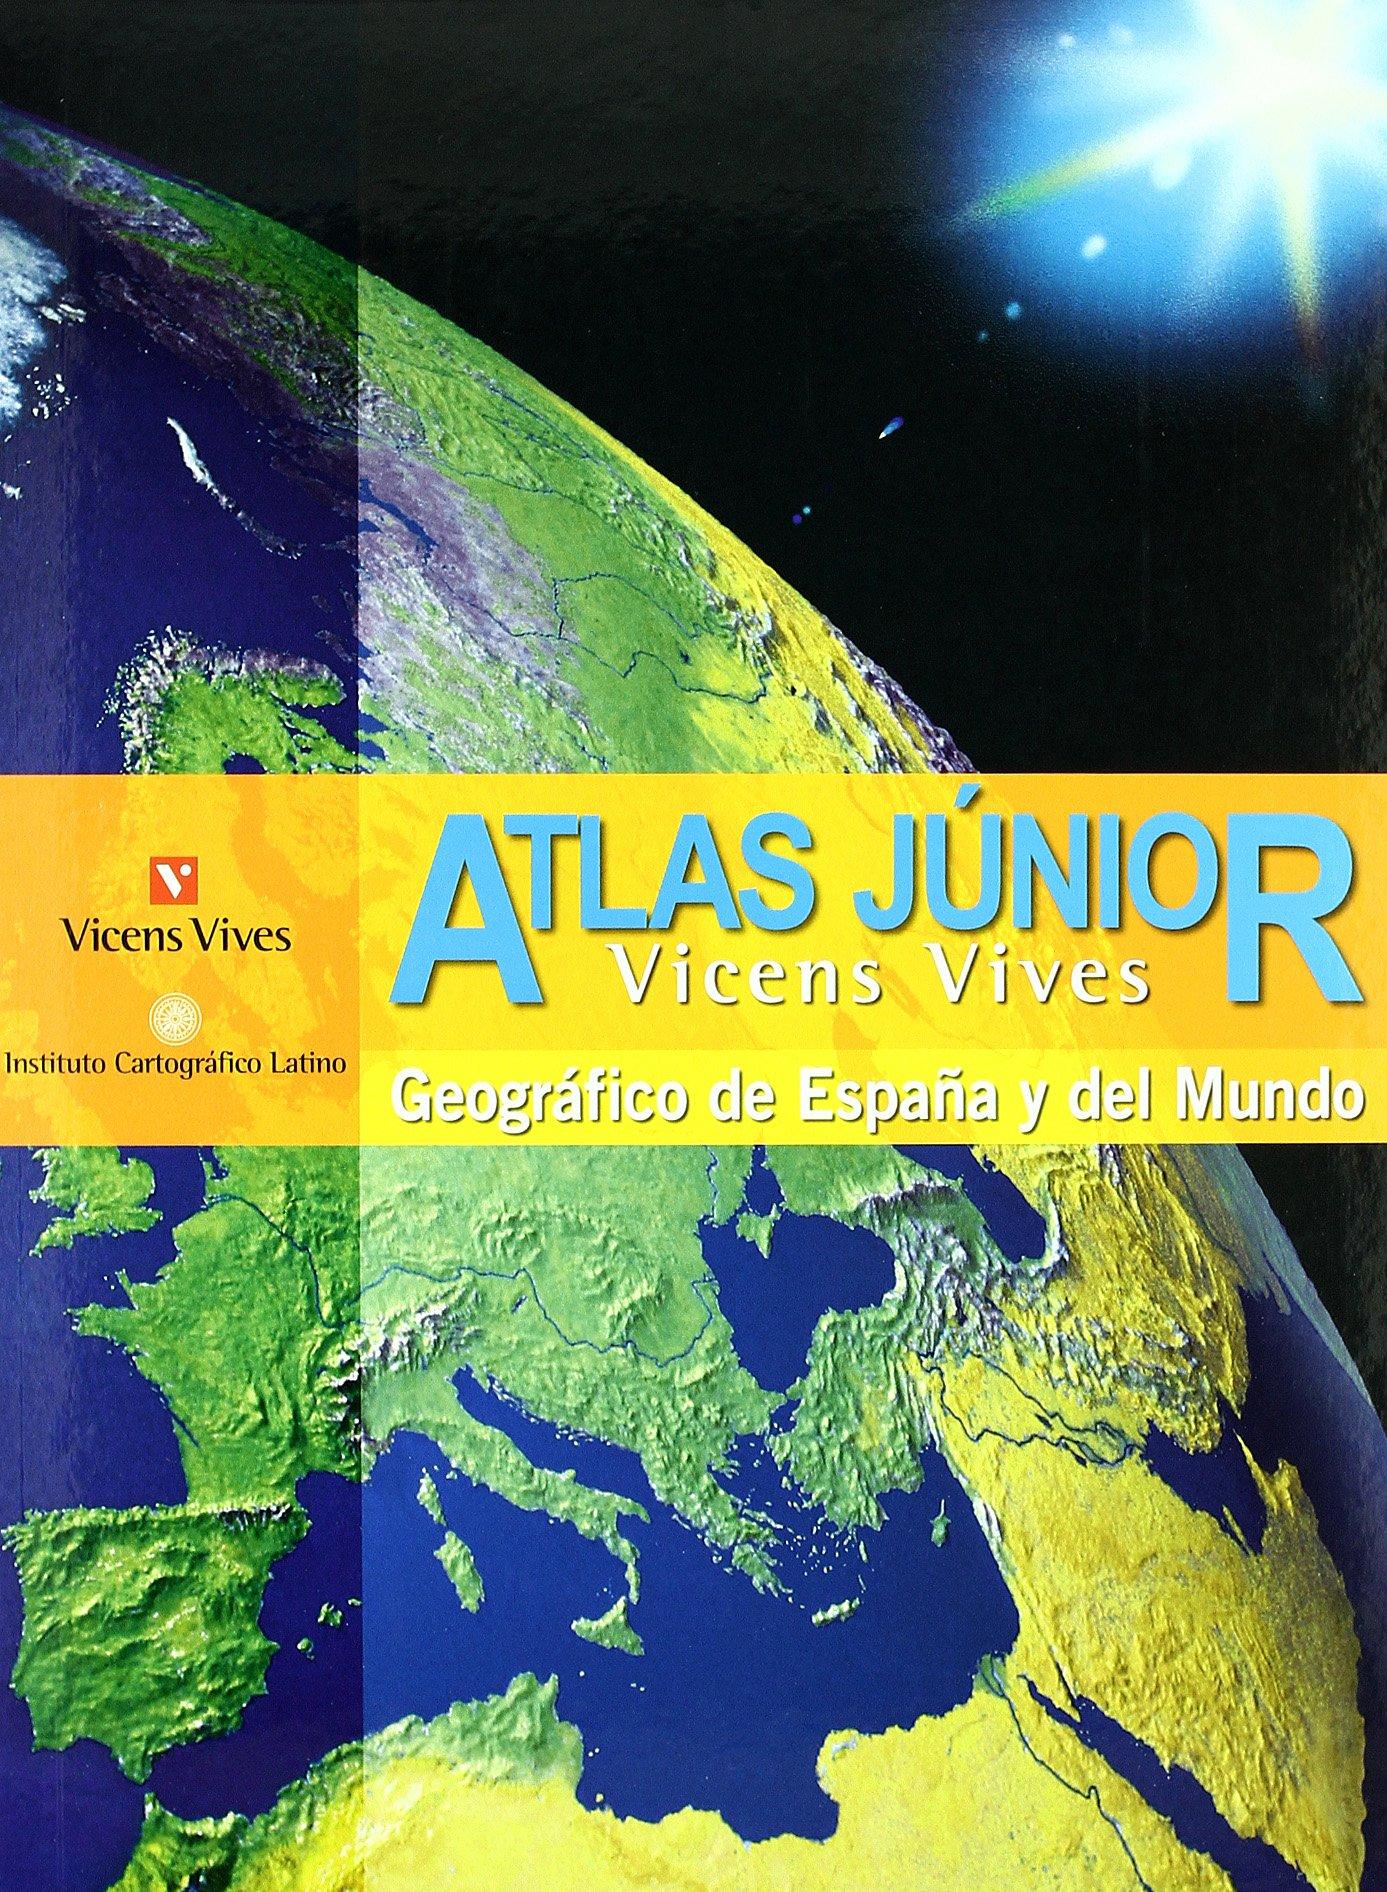 Atlas Júnior Geográfico De España Y Del Mundo - 9788431673321 Tapa dura – 1 jun 2016 S.A. Vicens Vives Primaria Editorial Vicens Vives 843167332X 983396